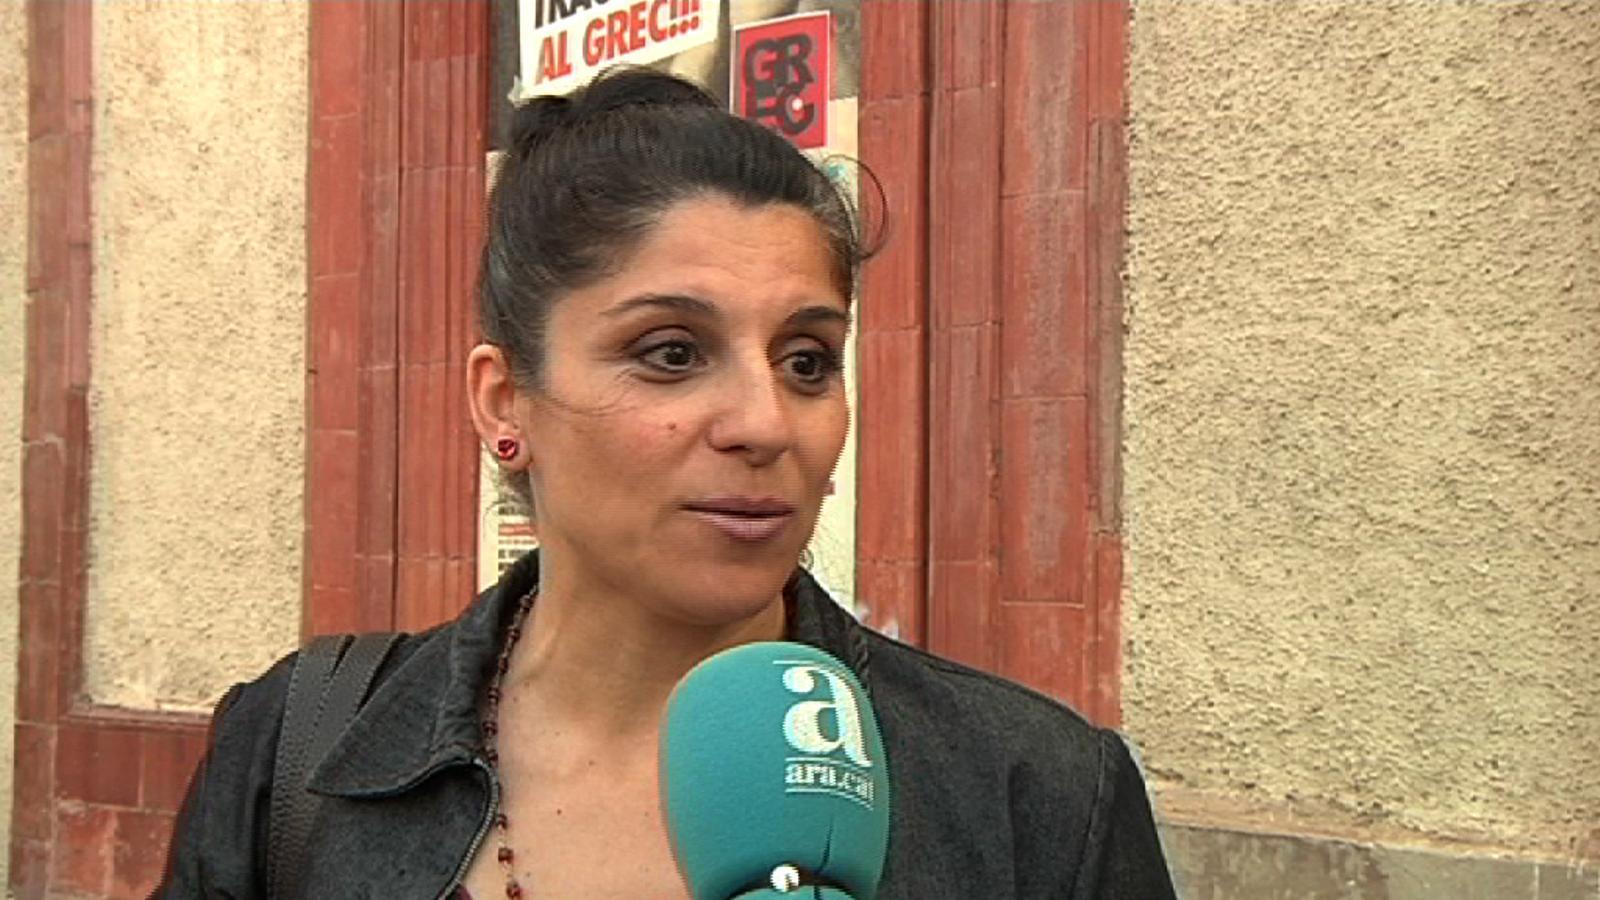 Carmen Ruiz, espectadora del Grec: M'agrada perquè és a la fresca i molt variat